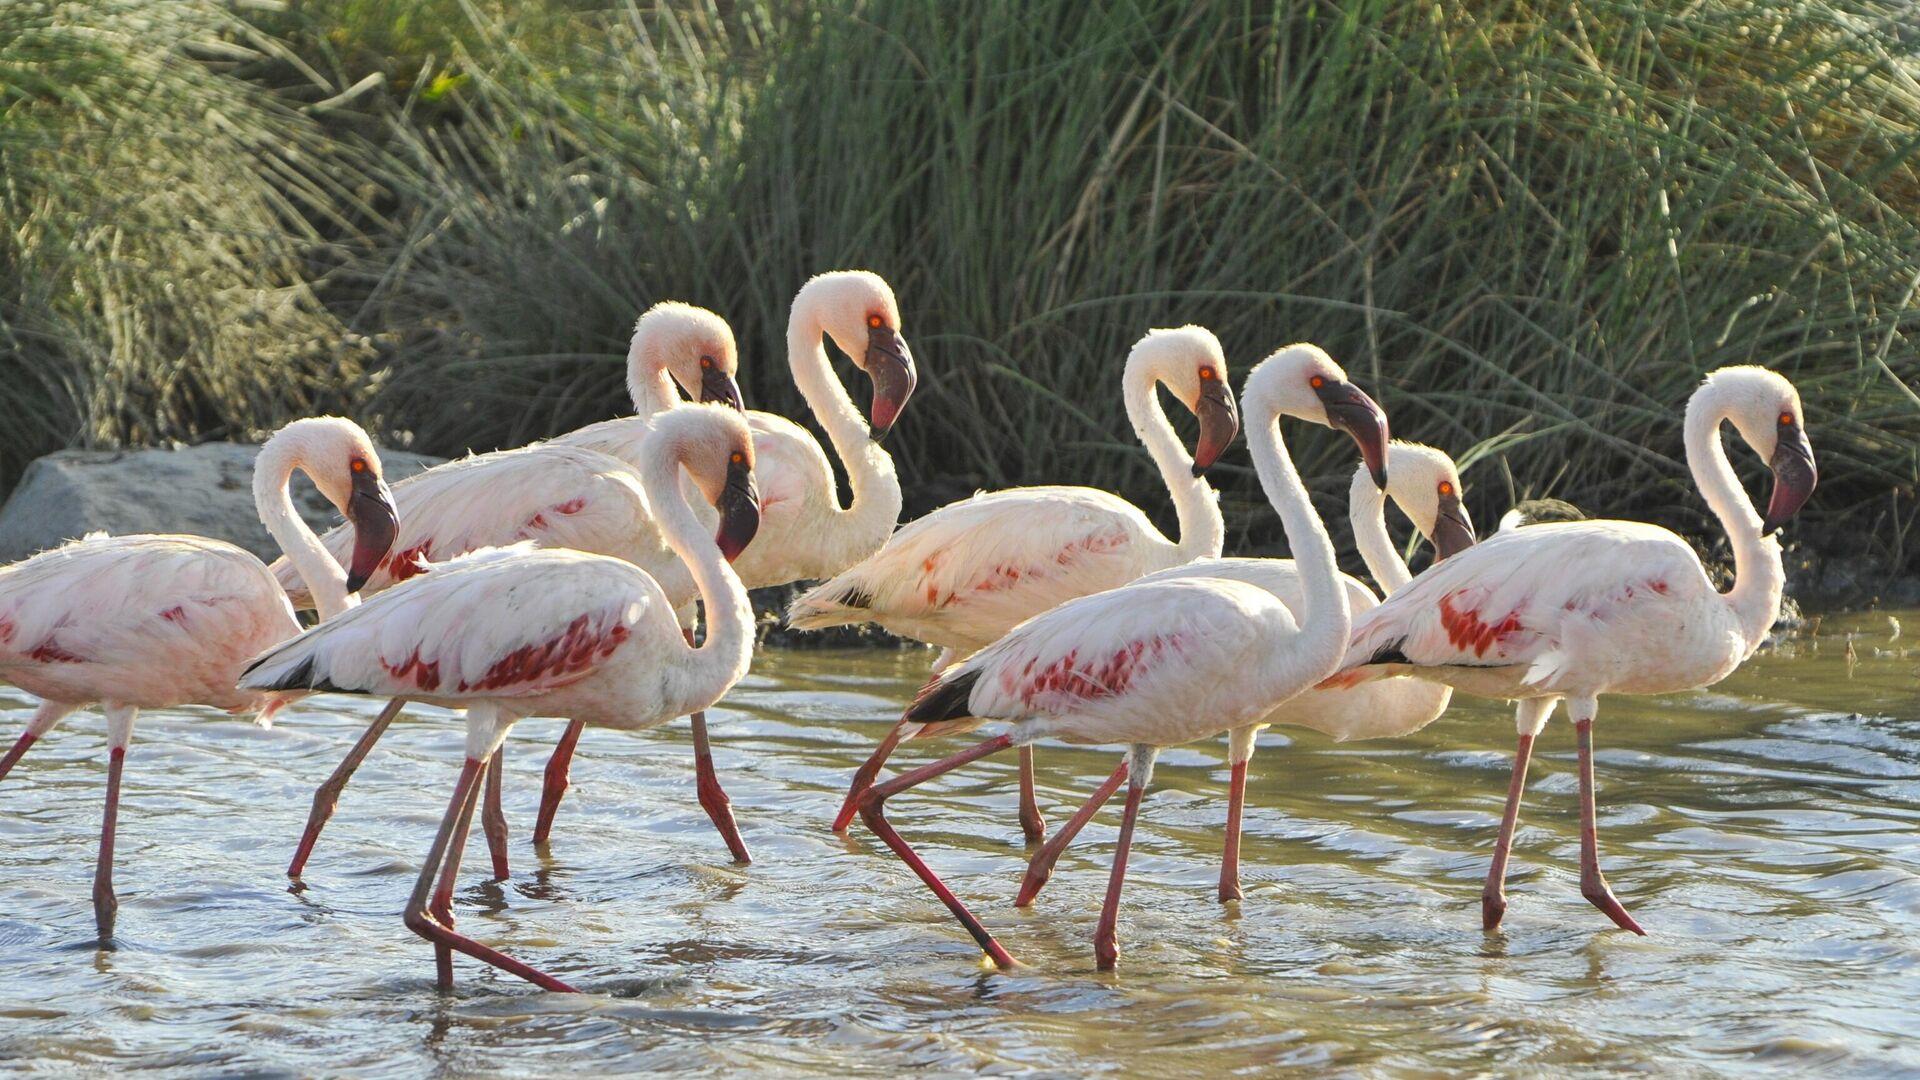 Фламинго в национальном парке Серенгети в Танзании - РИА Новости, 1920, 04.08.2021